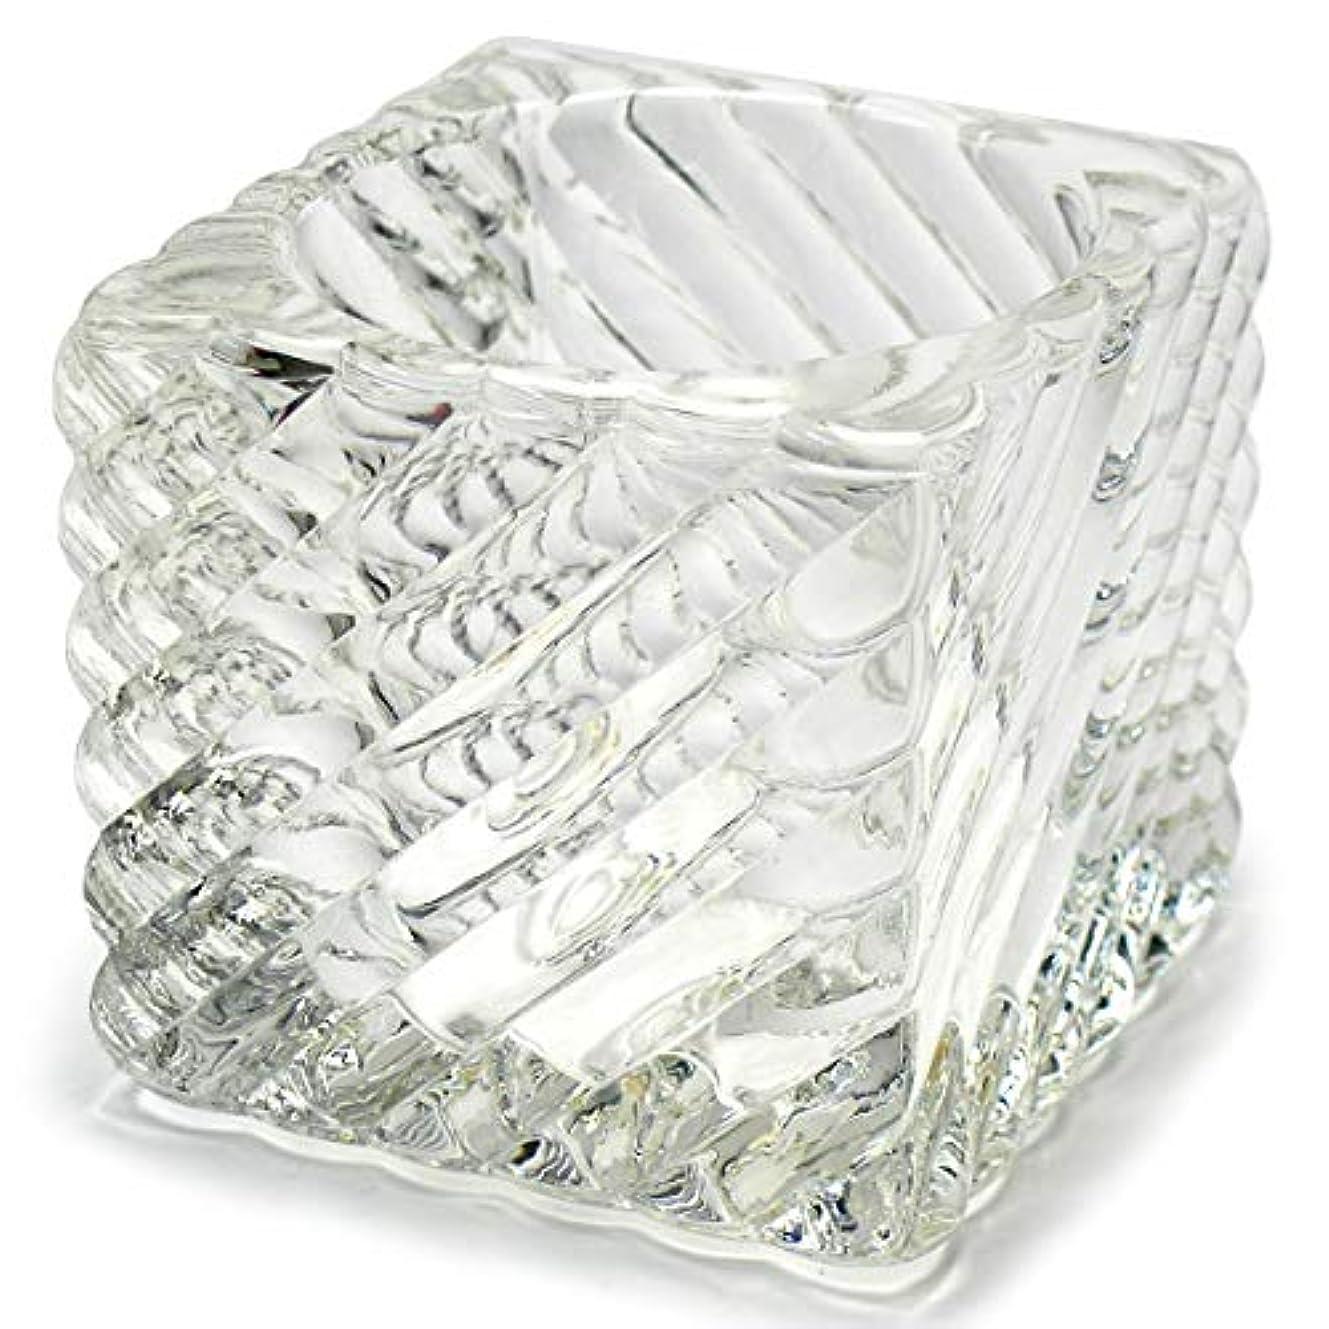 インフルエンザサイドボードリマークキャンドルホルダー ガラス 1 キャンドルスタンド クリスマス ティーキャンドル 誕生日 記念日